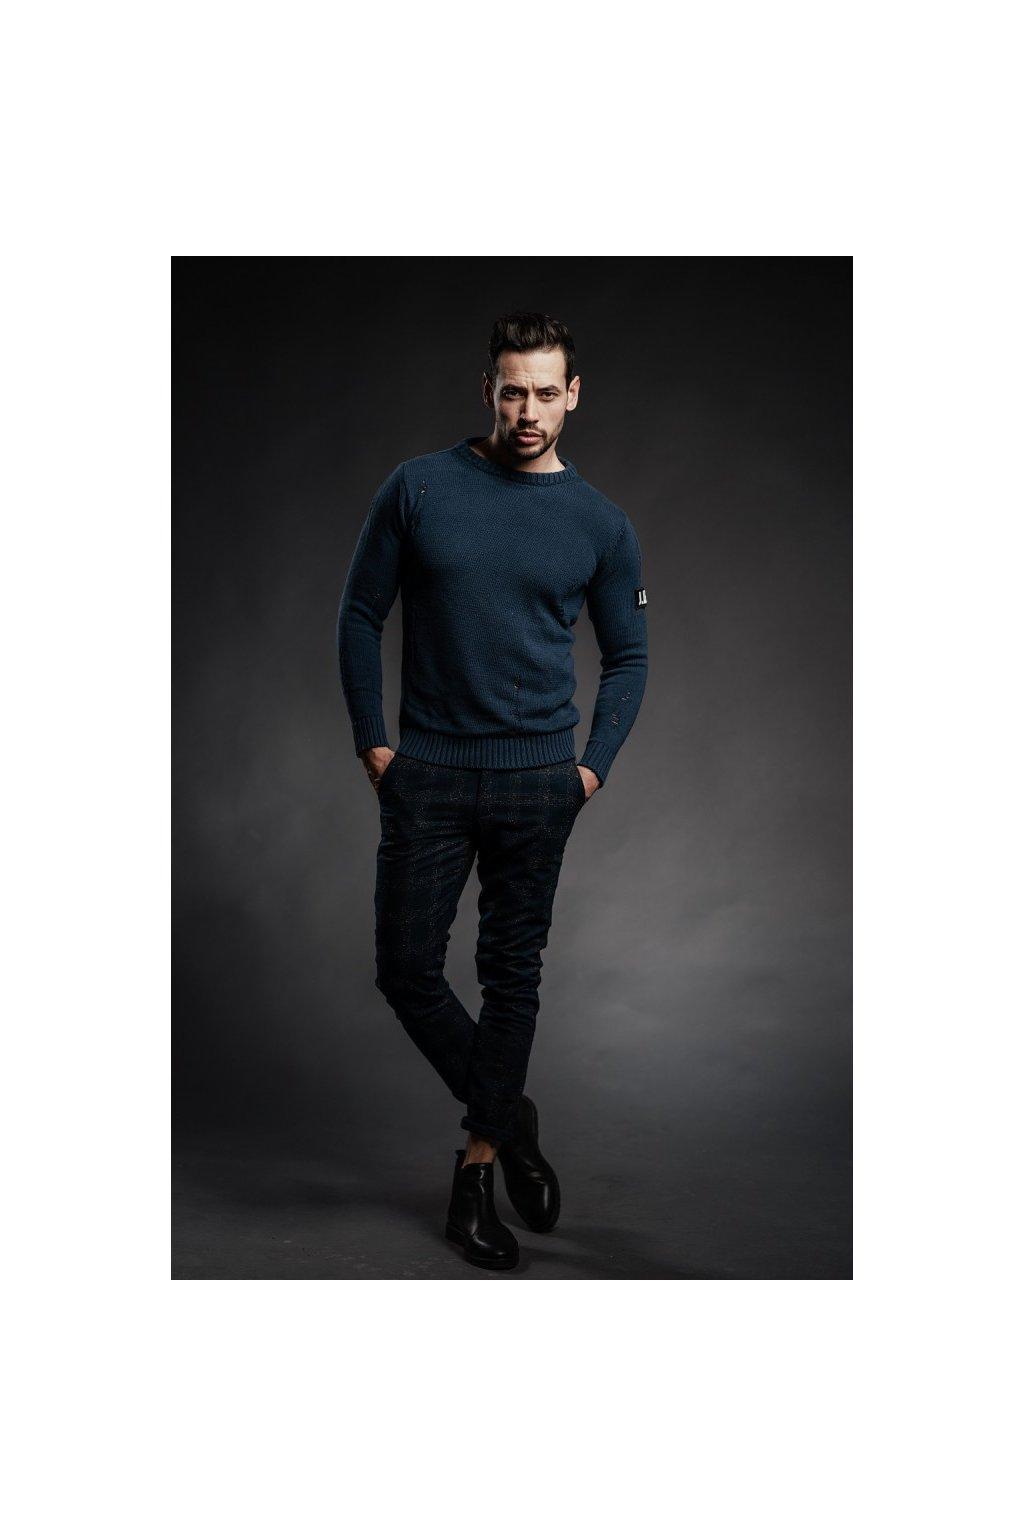 Kalhoty kárové GIANNI LUPO - tmavě modré (Velikost Velikost 52)